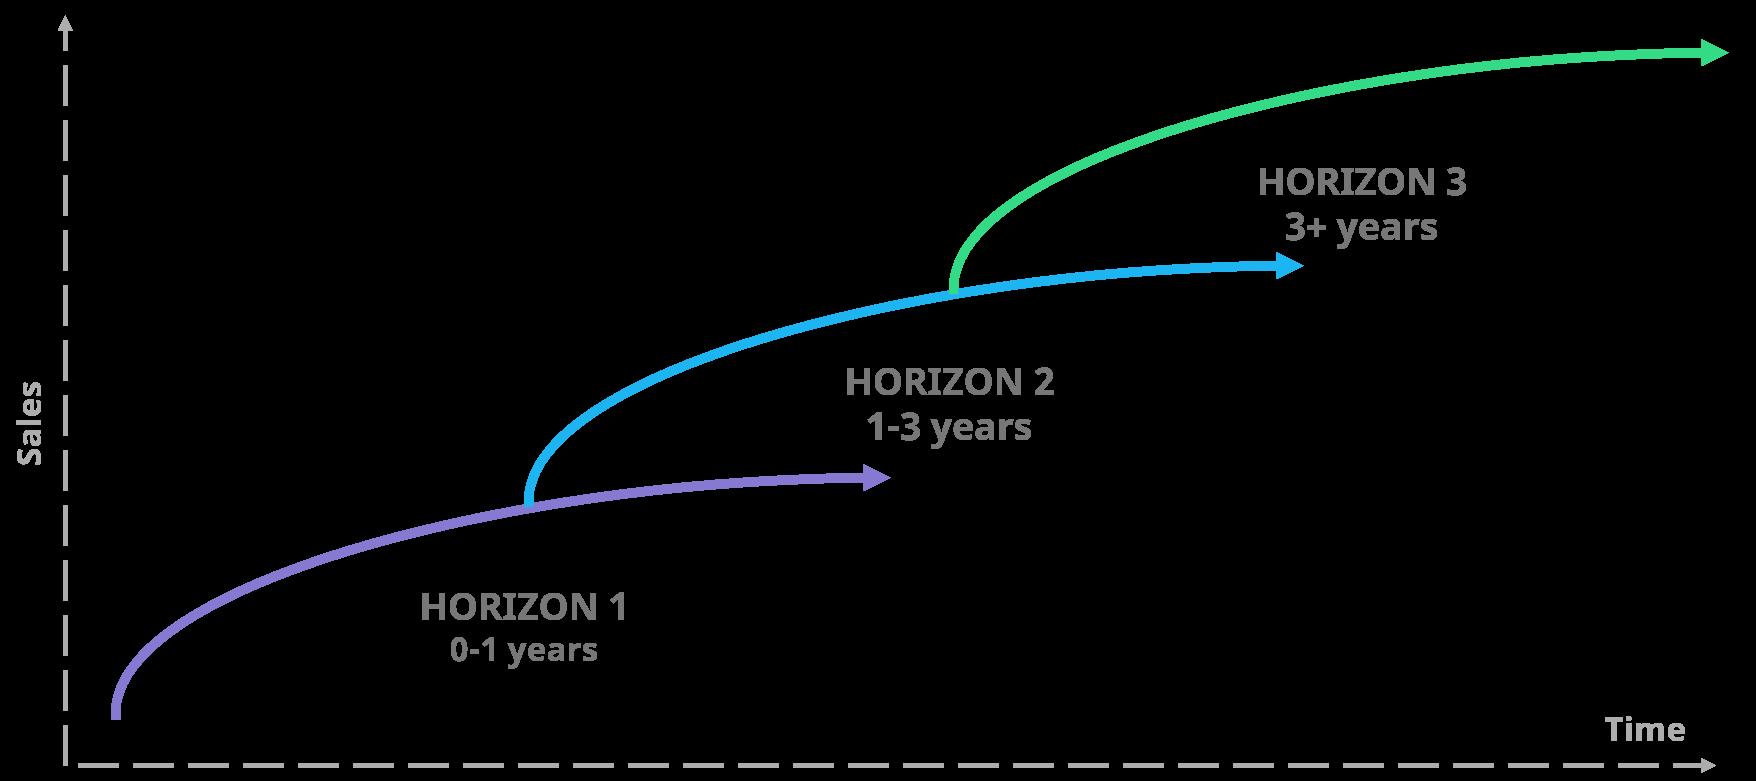 three-horizons-of-growth